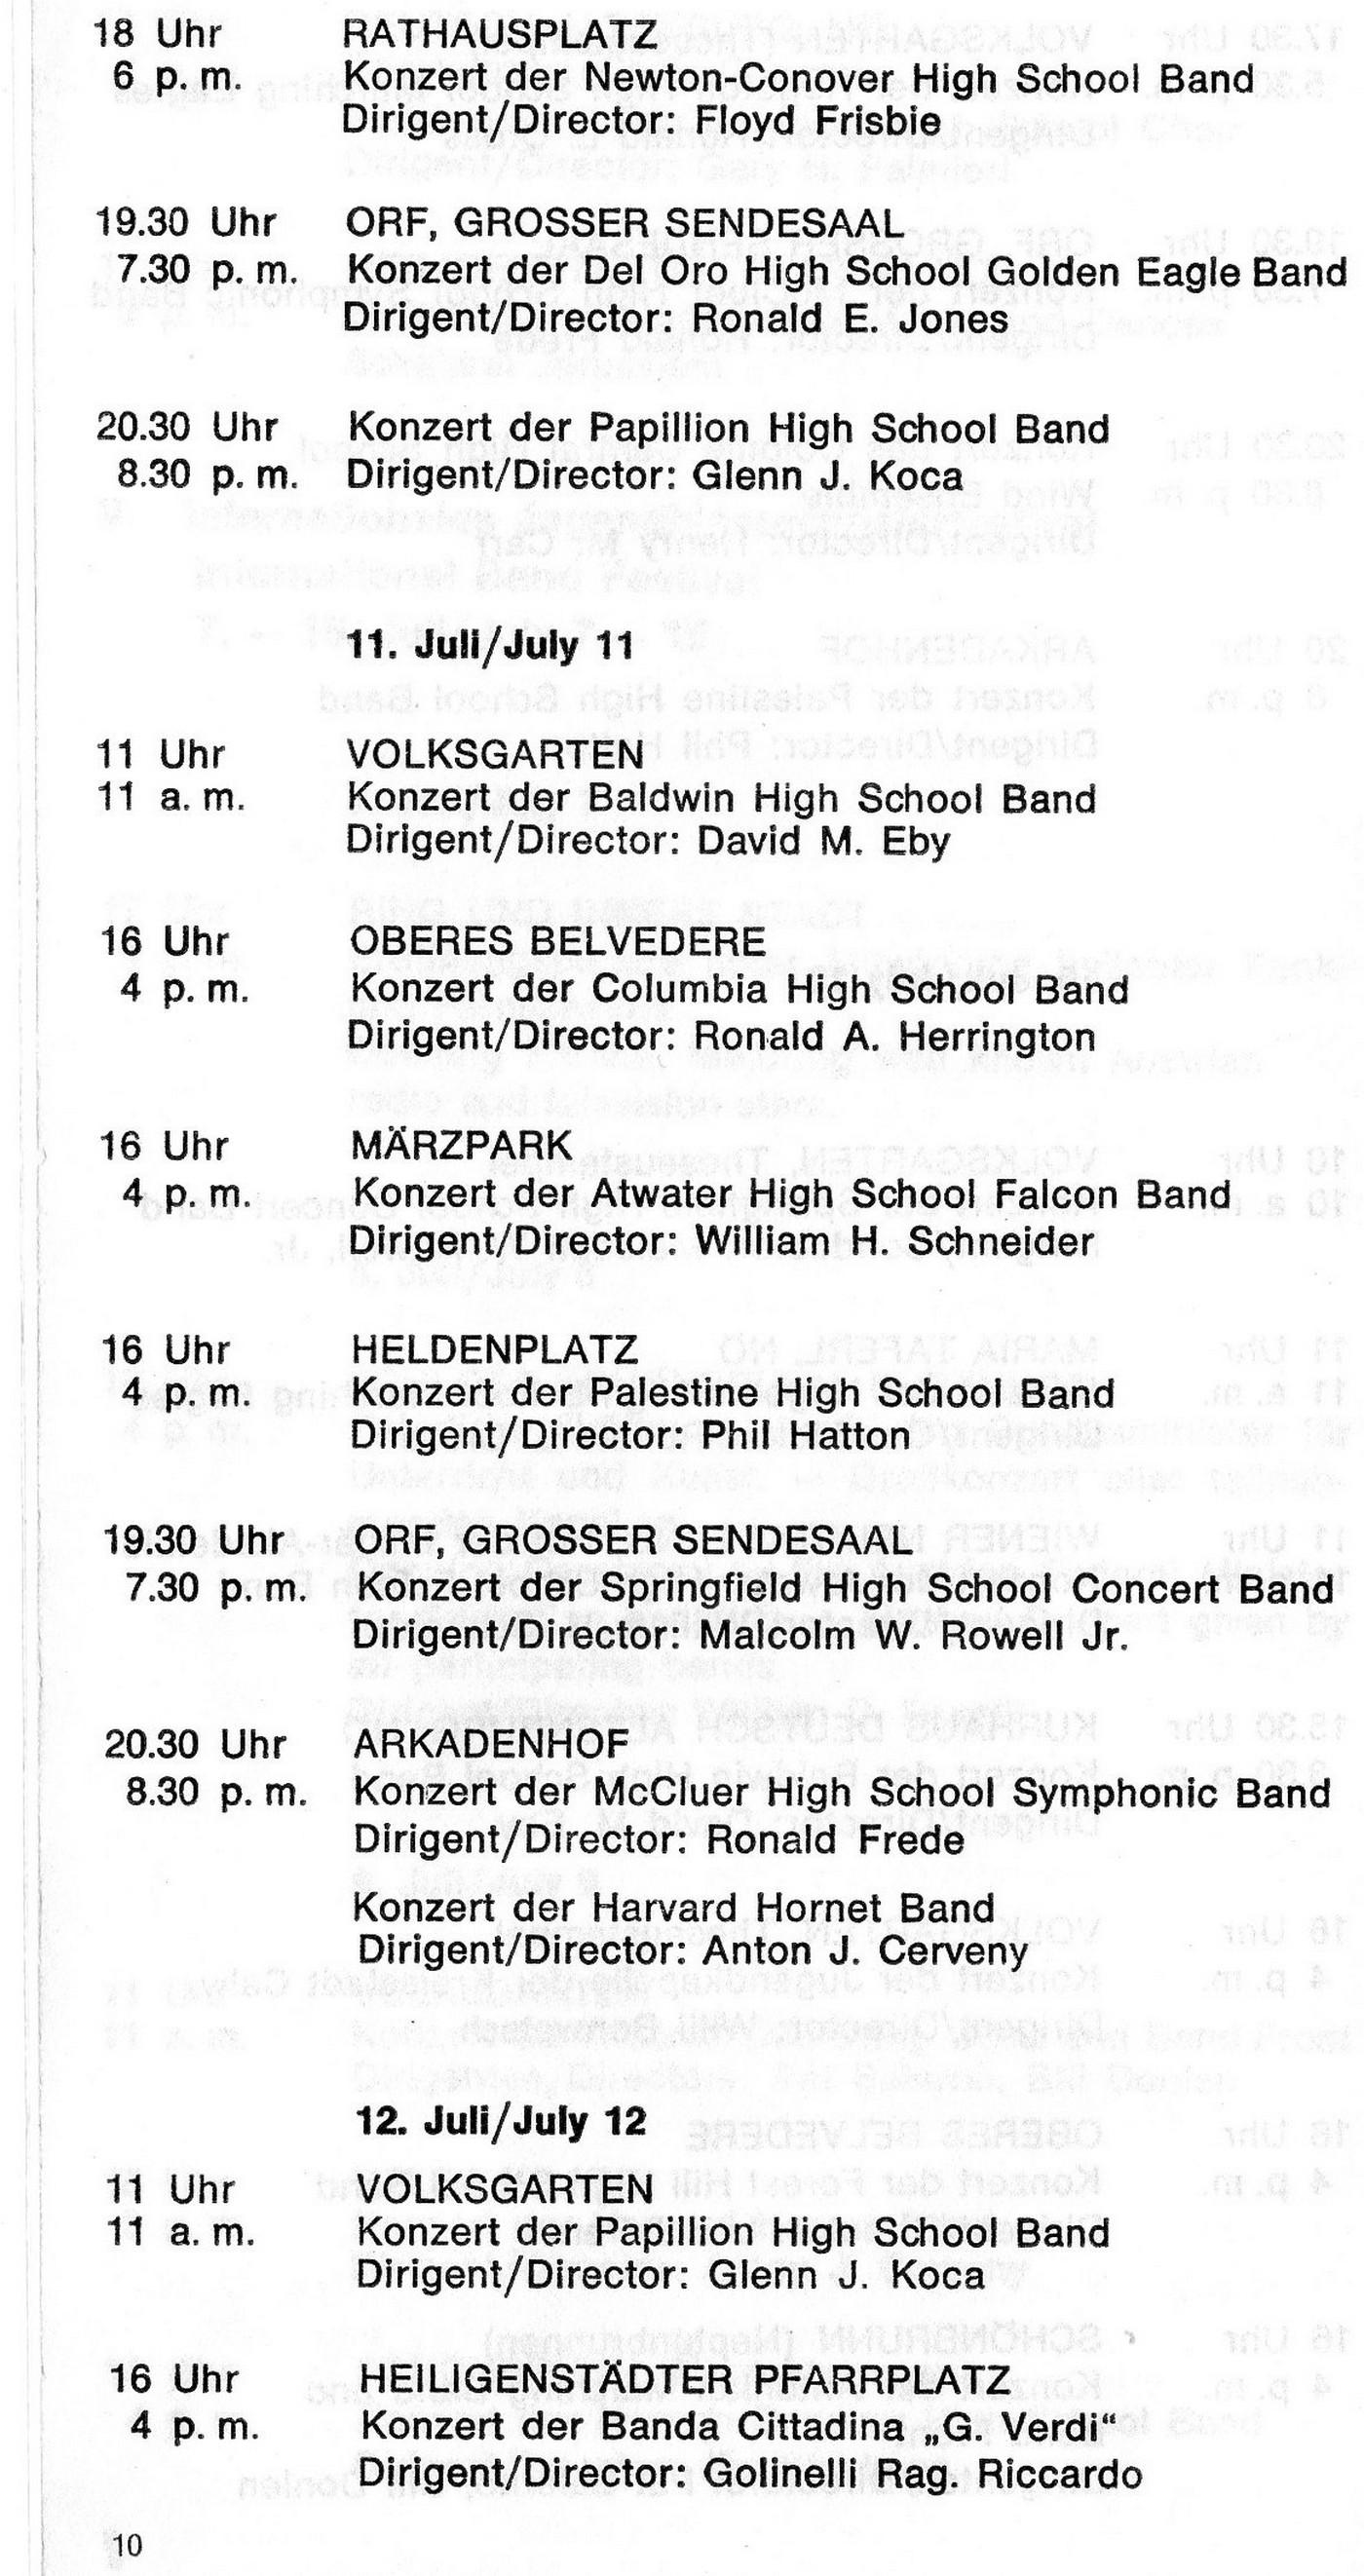 Rakúsko 30.06.-15.07.1973